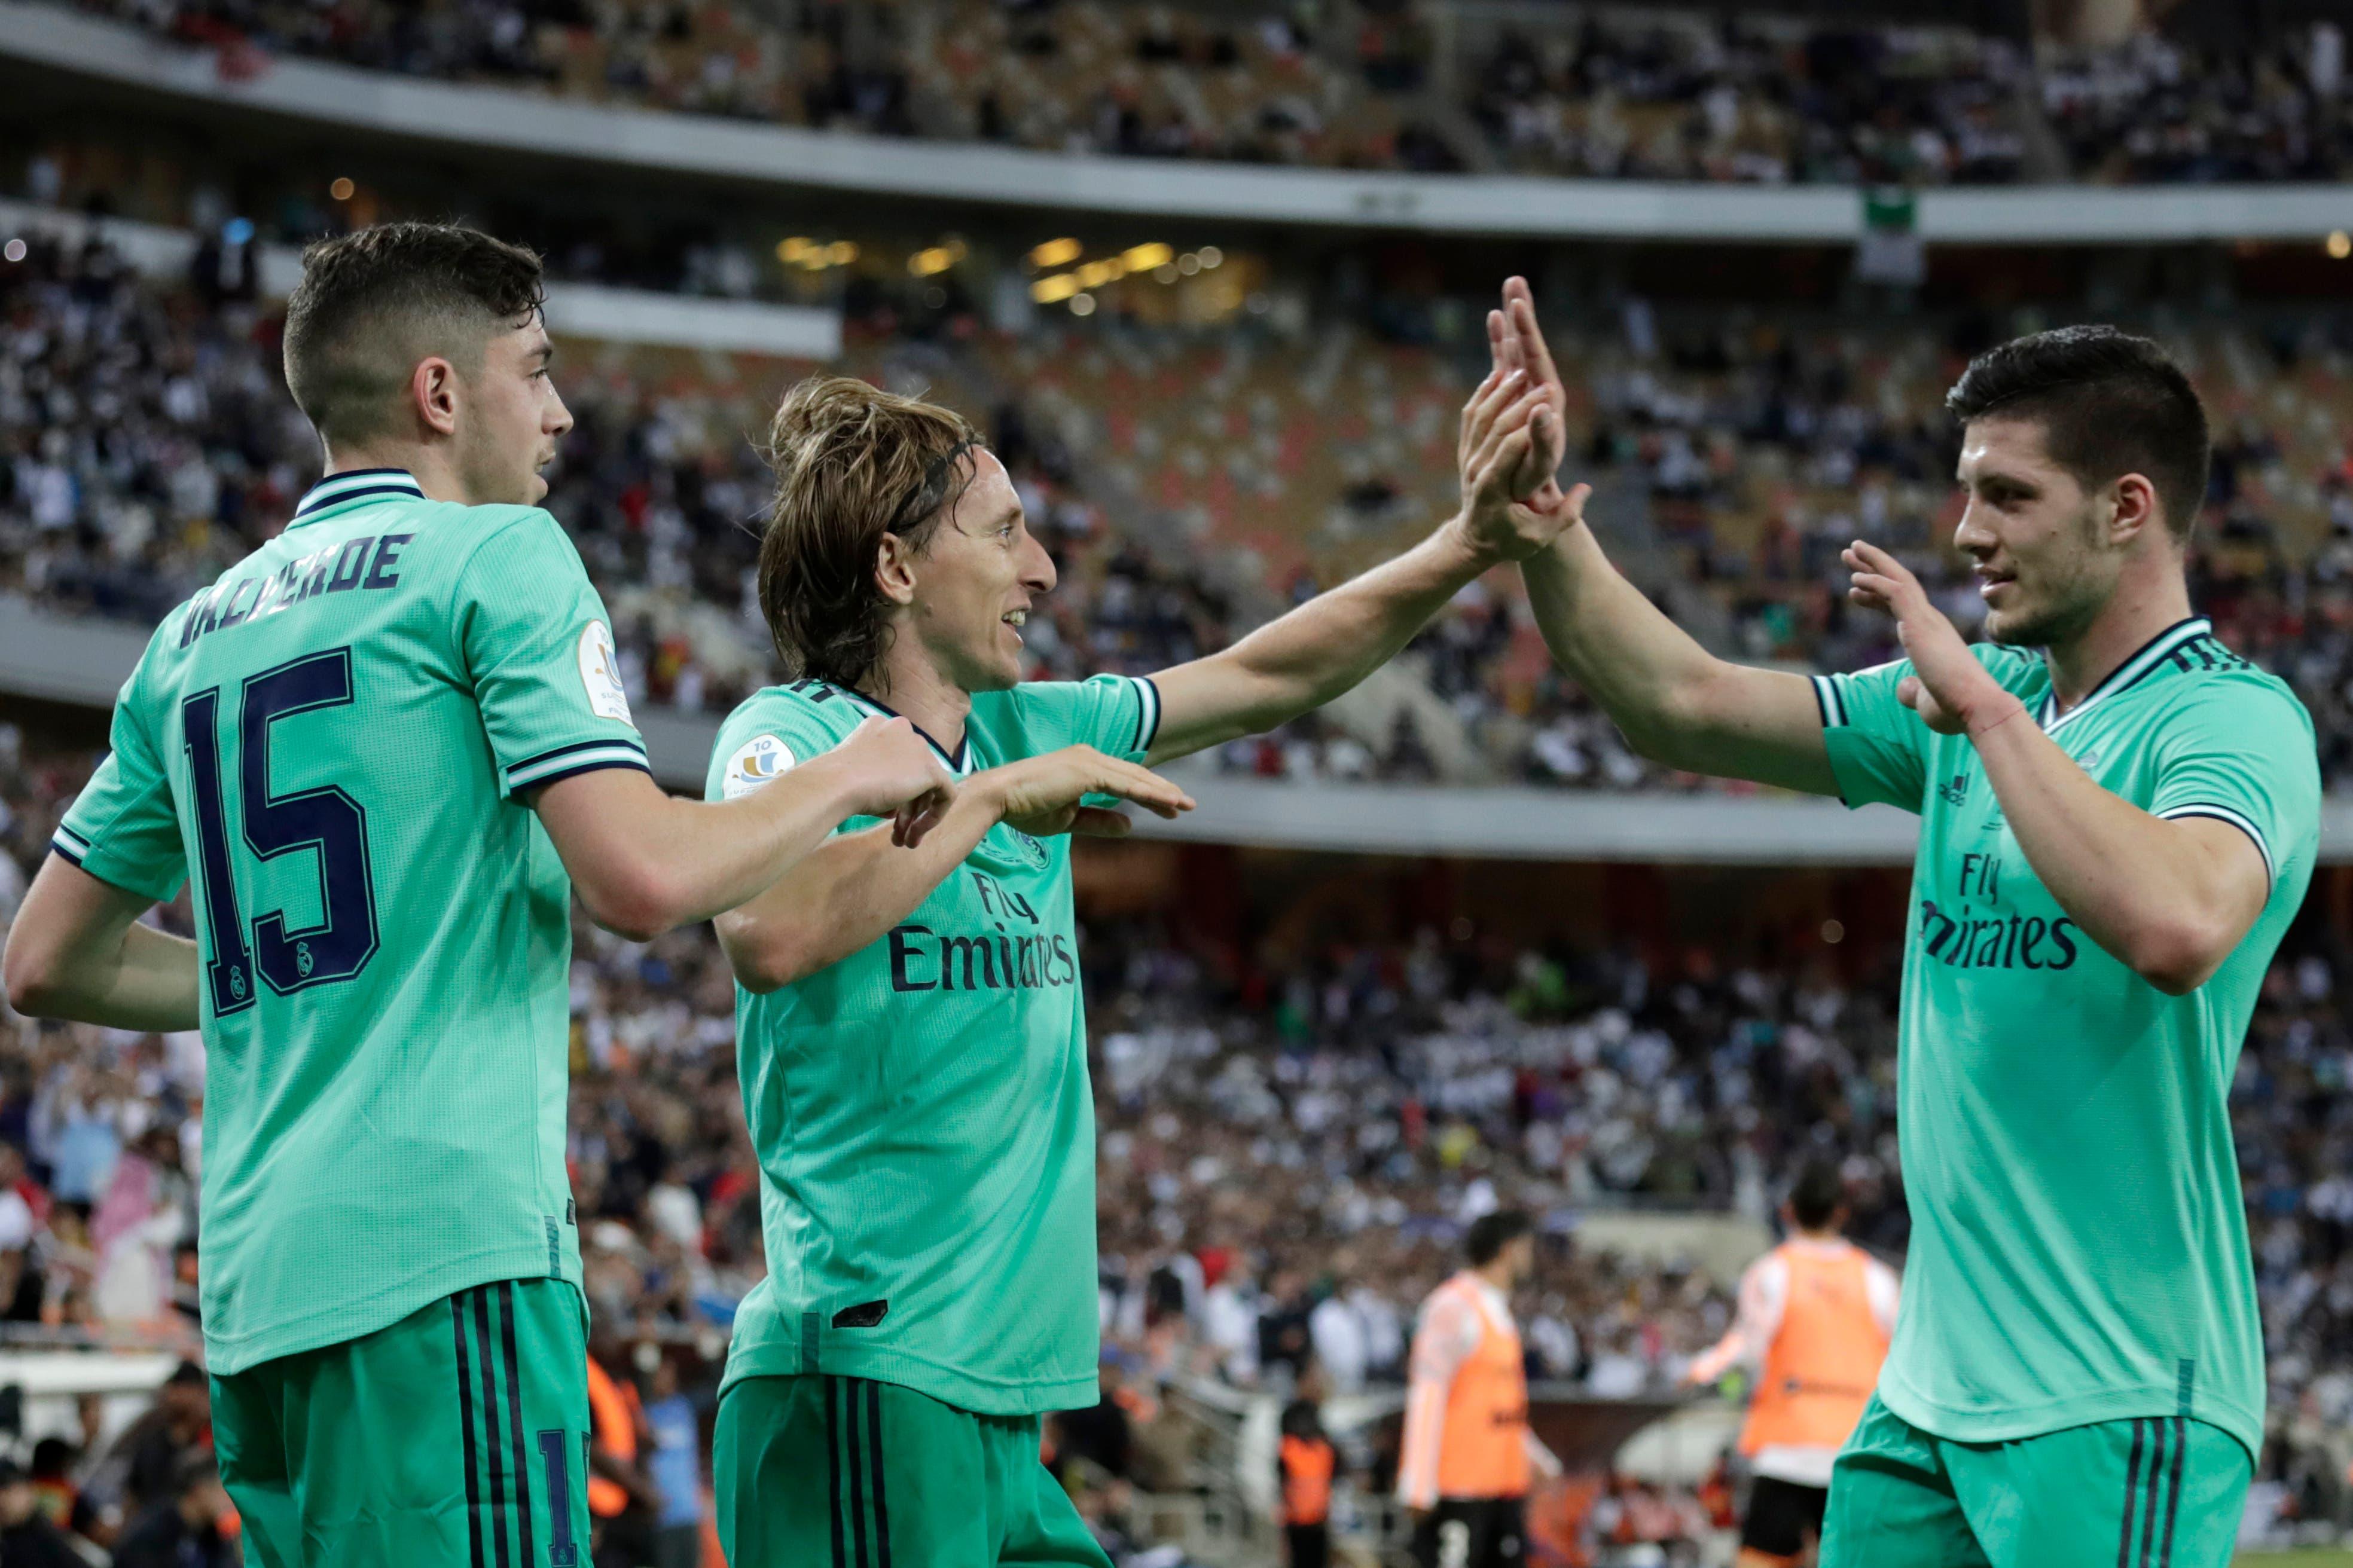 Valencia-Real Madrid Supercopa de España: con una picardía de Toni Kroos y un golazo de Modric, el merengue ganó y es el primer finalista